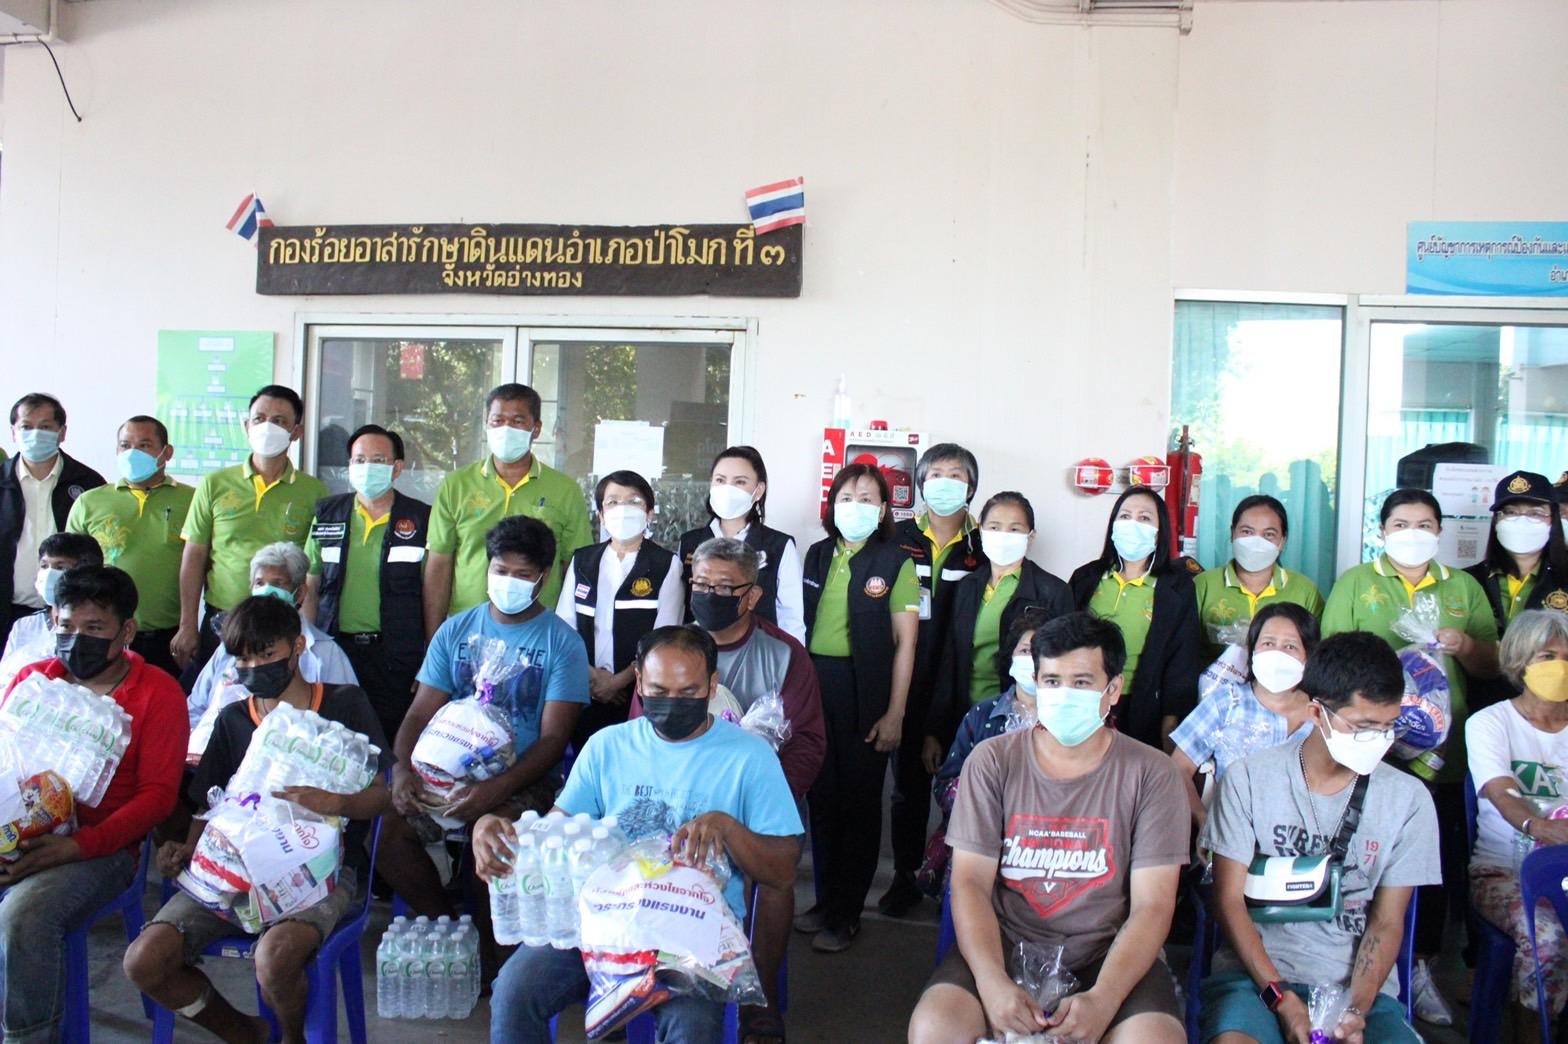 ที่ปรึกษารัฐมนตรีว่าการกระทรวงแรงงาน ตรวจเยี่ยมและมอบถุงยังชีพกับประชาชนผู้ประสบภัยน้ำท่วม